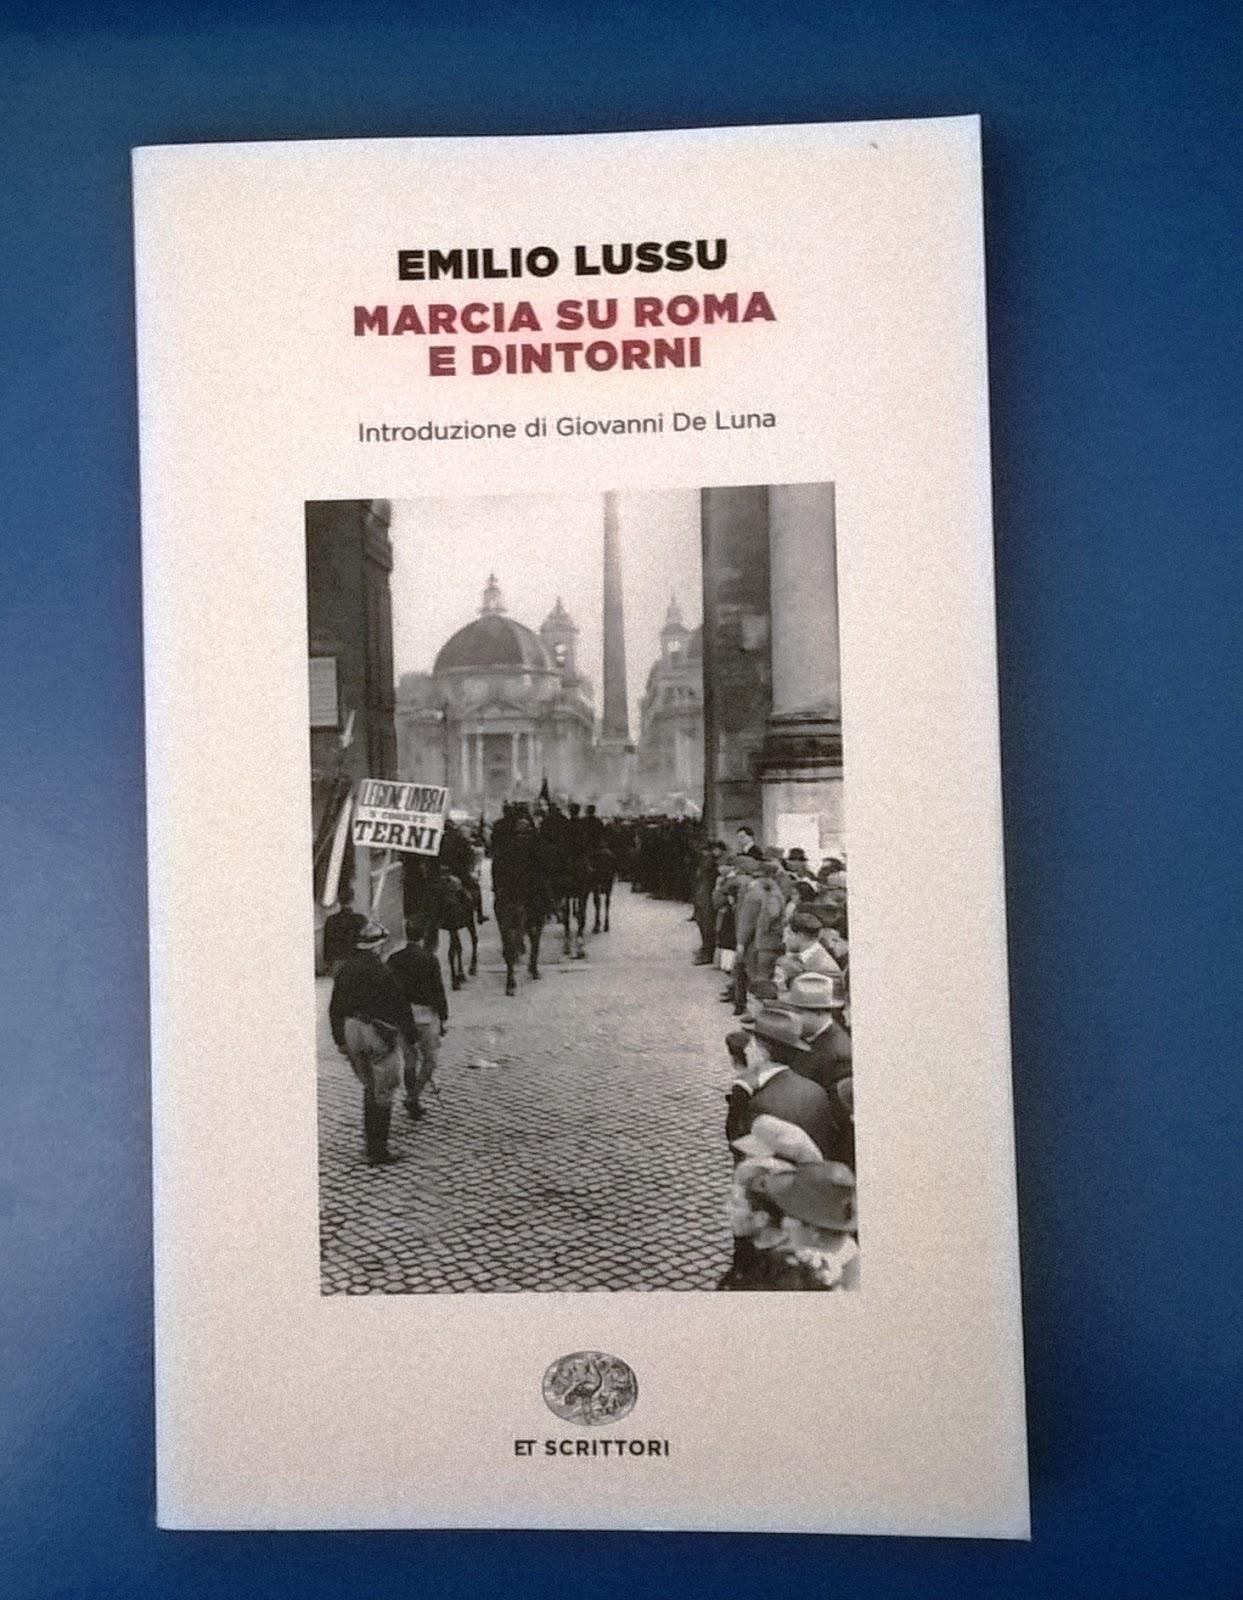 marcia su roma e dintorni  LE MIE IDEE POLITICHE IN CONDIVISIONE: